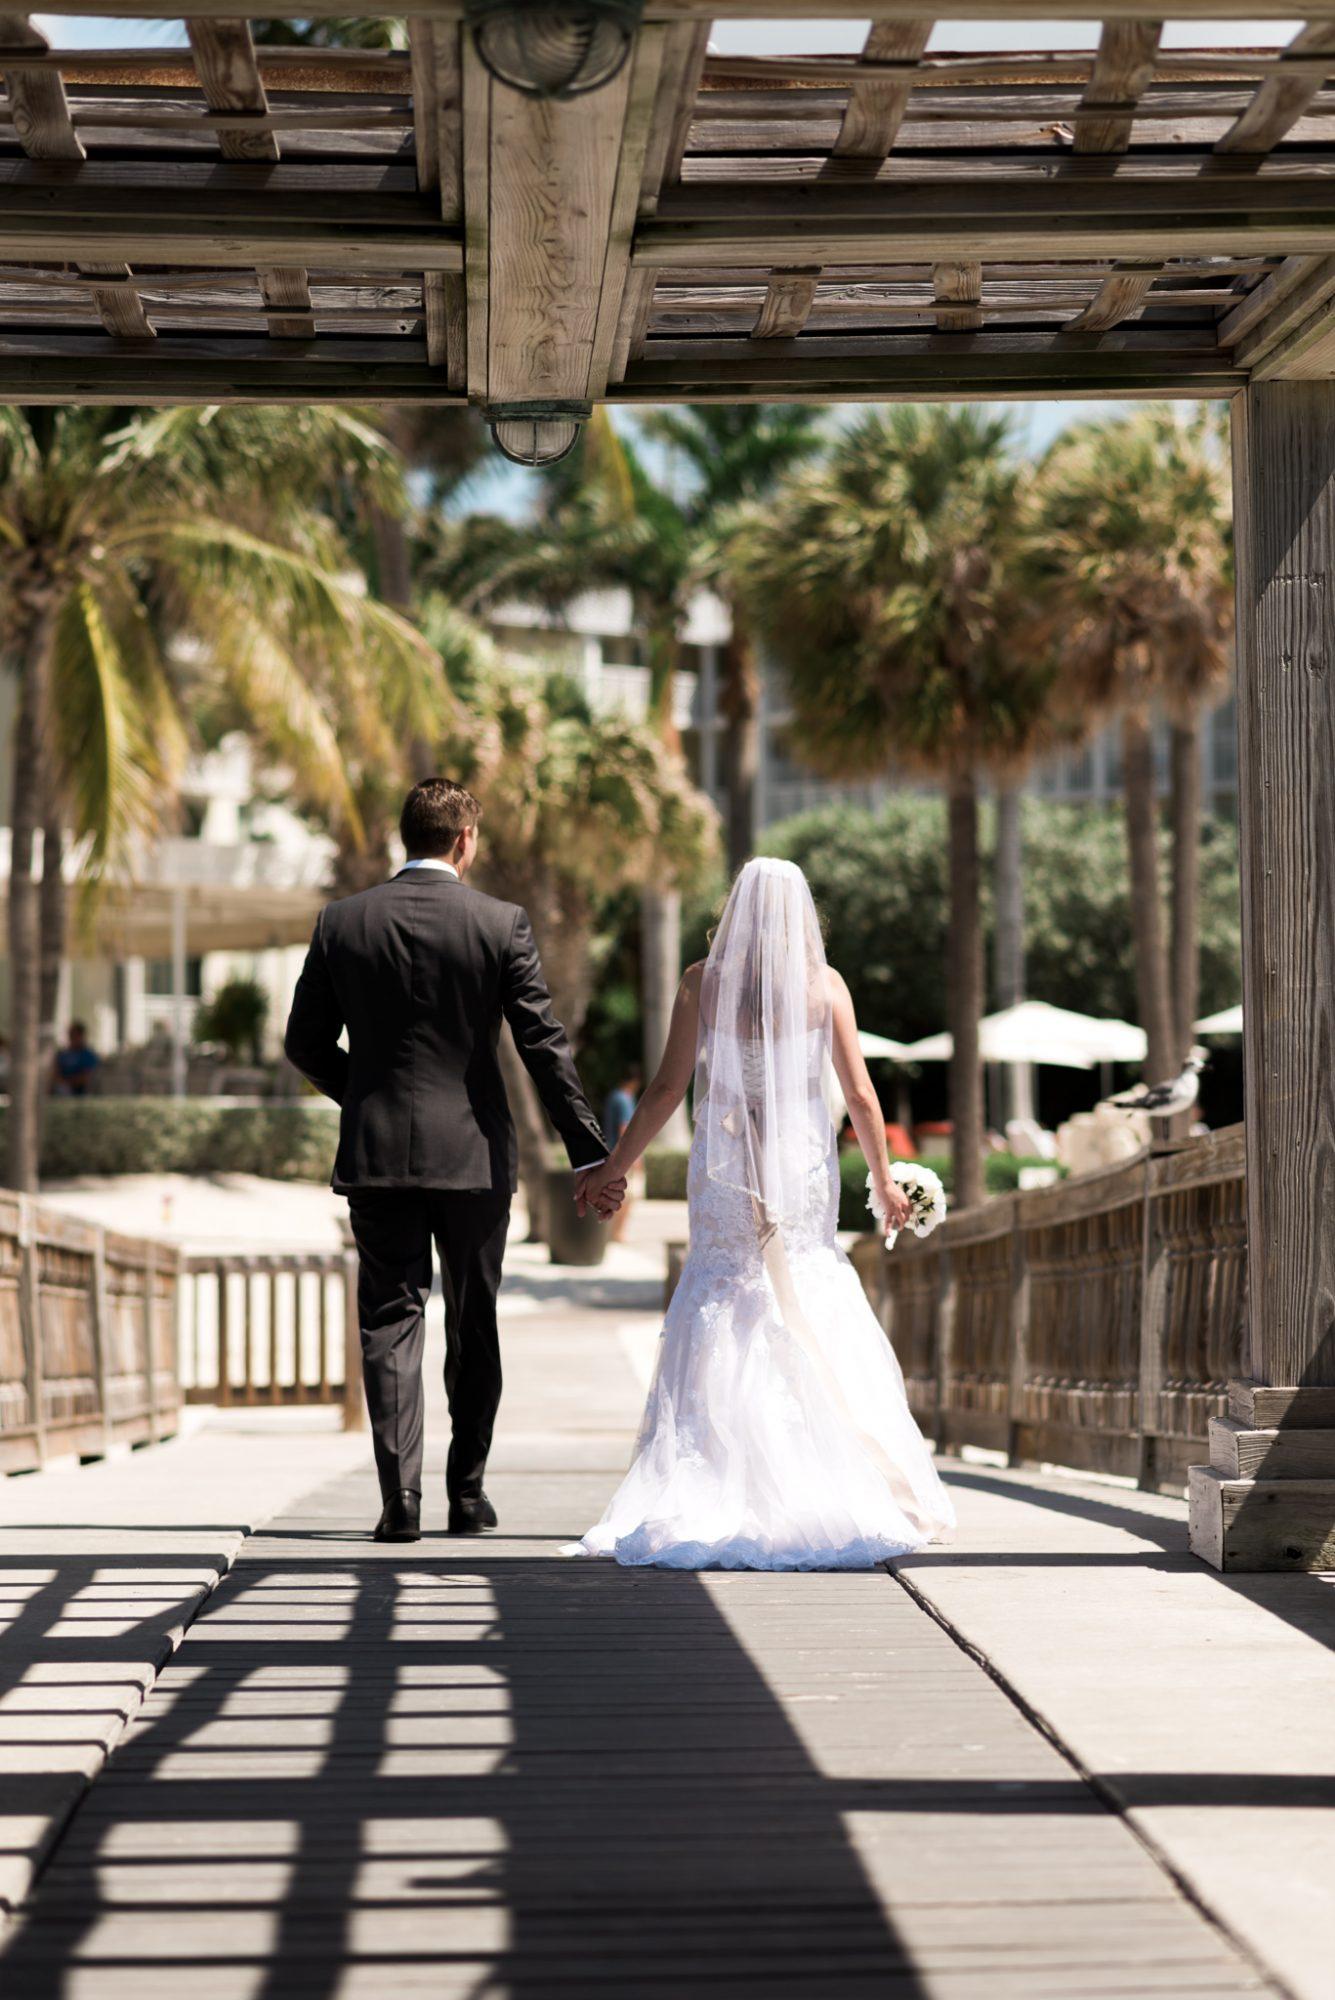 Stacey Jason Key West Wedding Photographer Reach Resort 25 - A Wedding Photographer in Key West - 2016 in Review